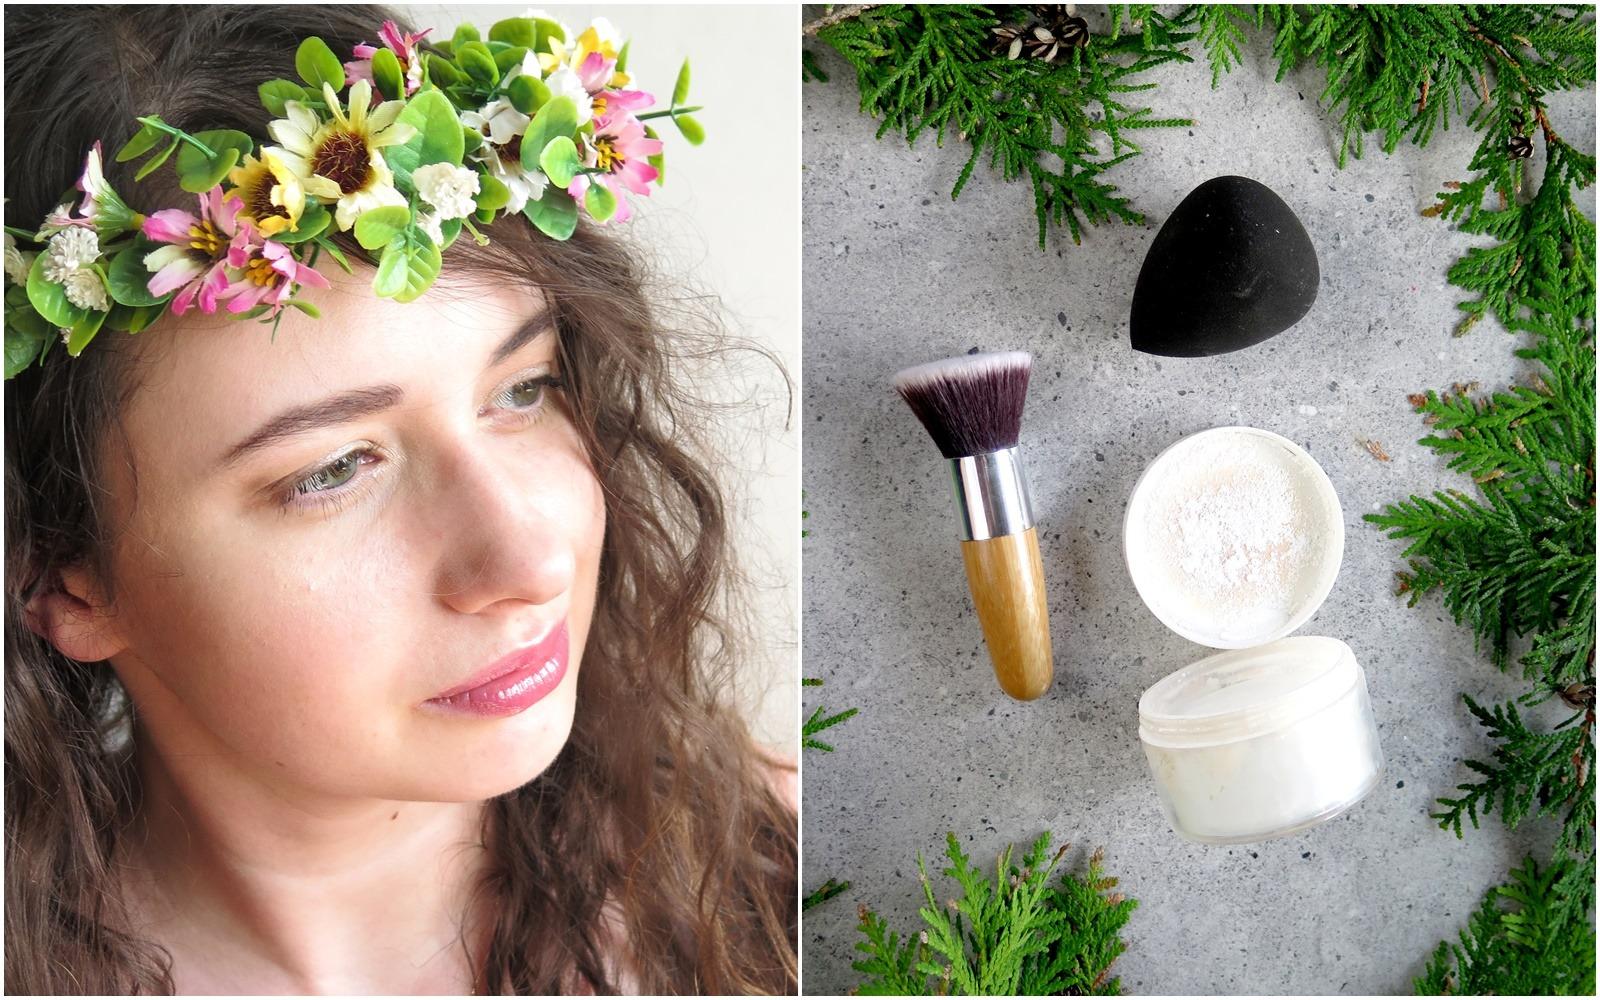 makijaż kosmetykami mineralnymi puder glinkowy primer mineralny podkład